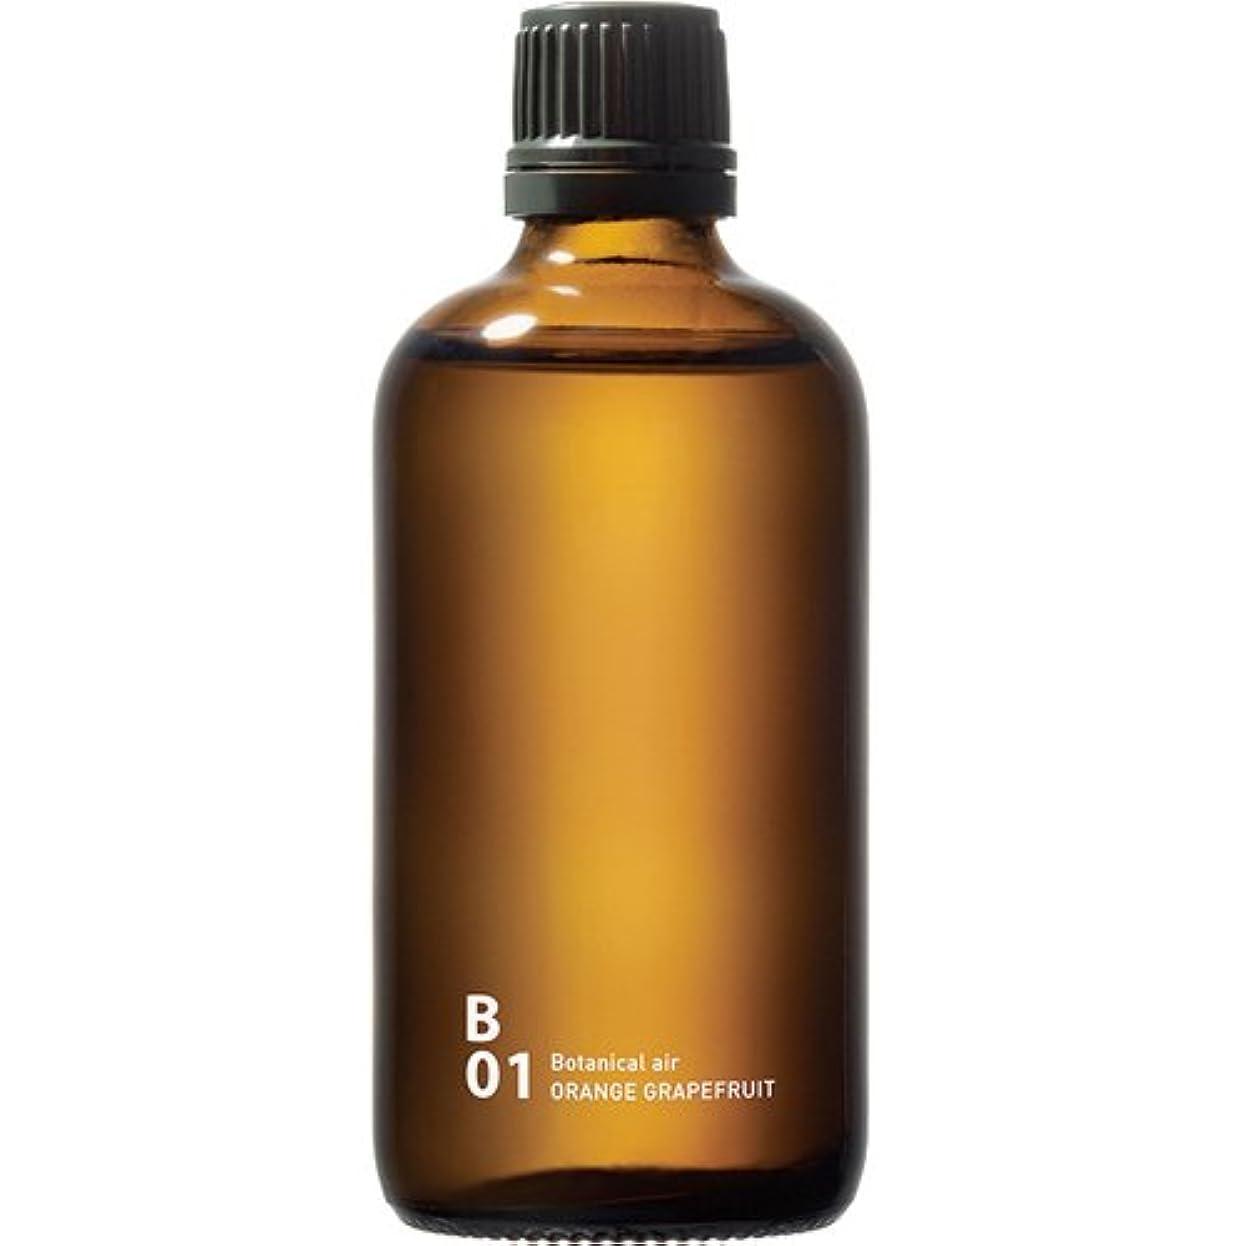 今ステーキレモンB01 ORANGE GRAPEFRUIT piezo aroma oil 100ml